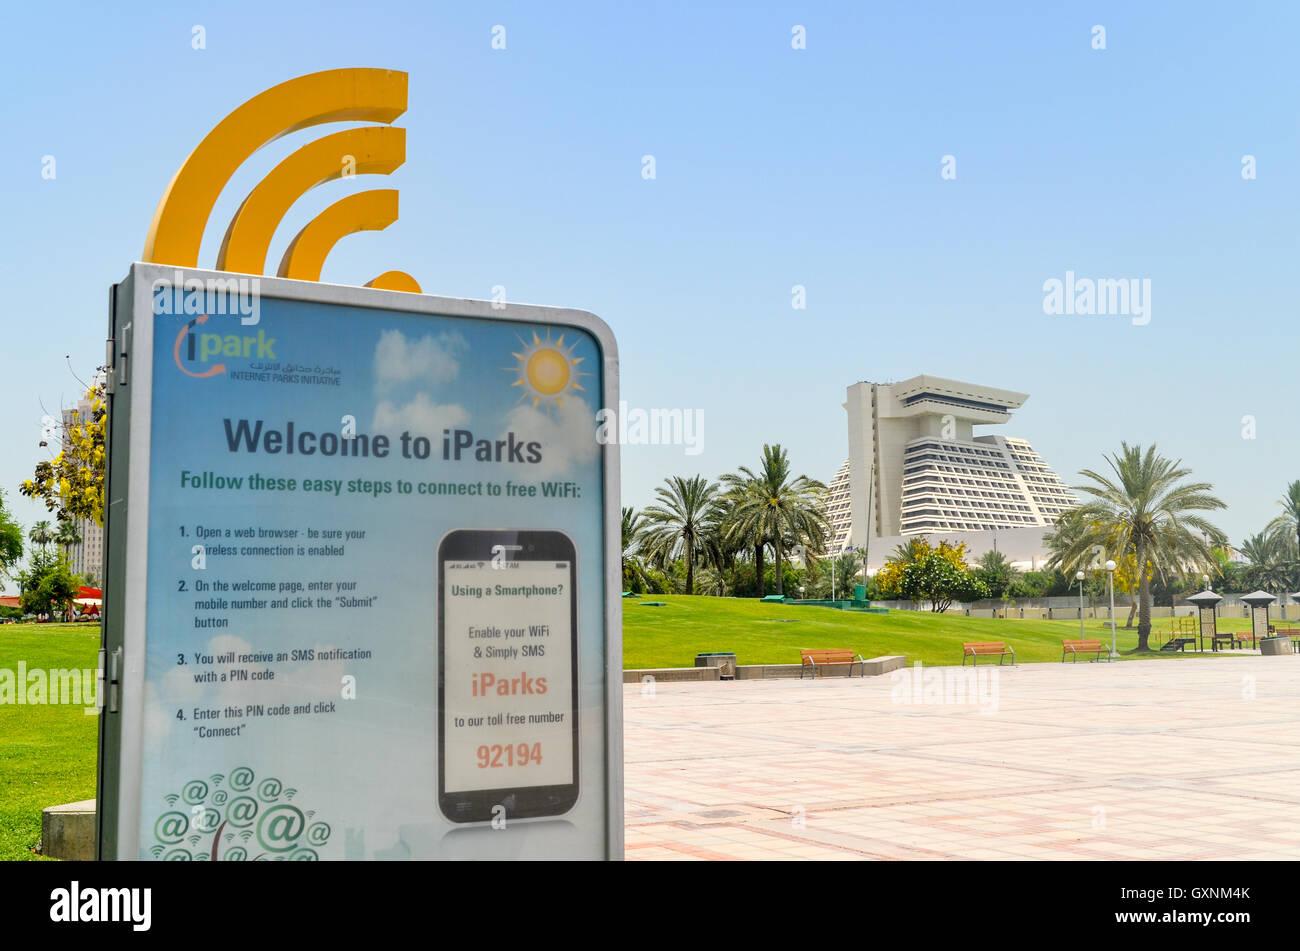 Connexion Wi-Fi gratuite, à Doha, Qatar, en face de l'hôtel Sheraton Photo Stock